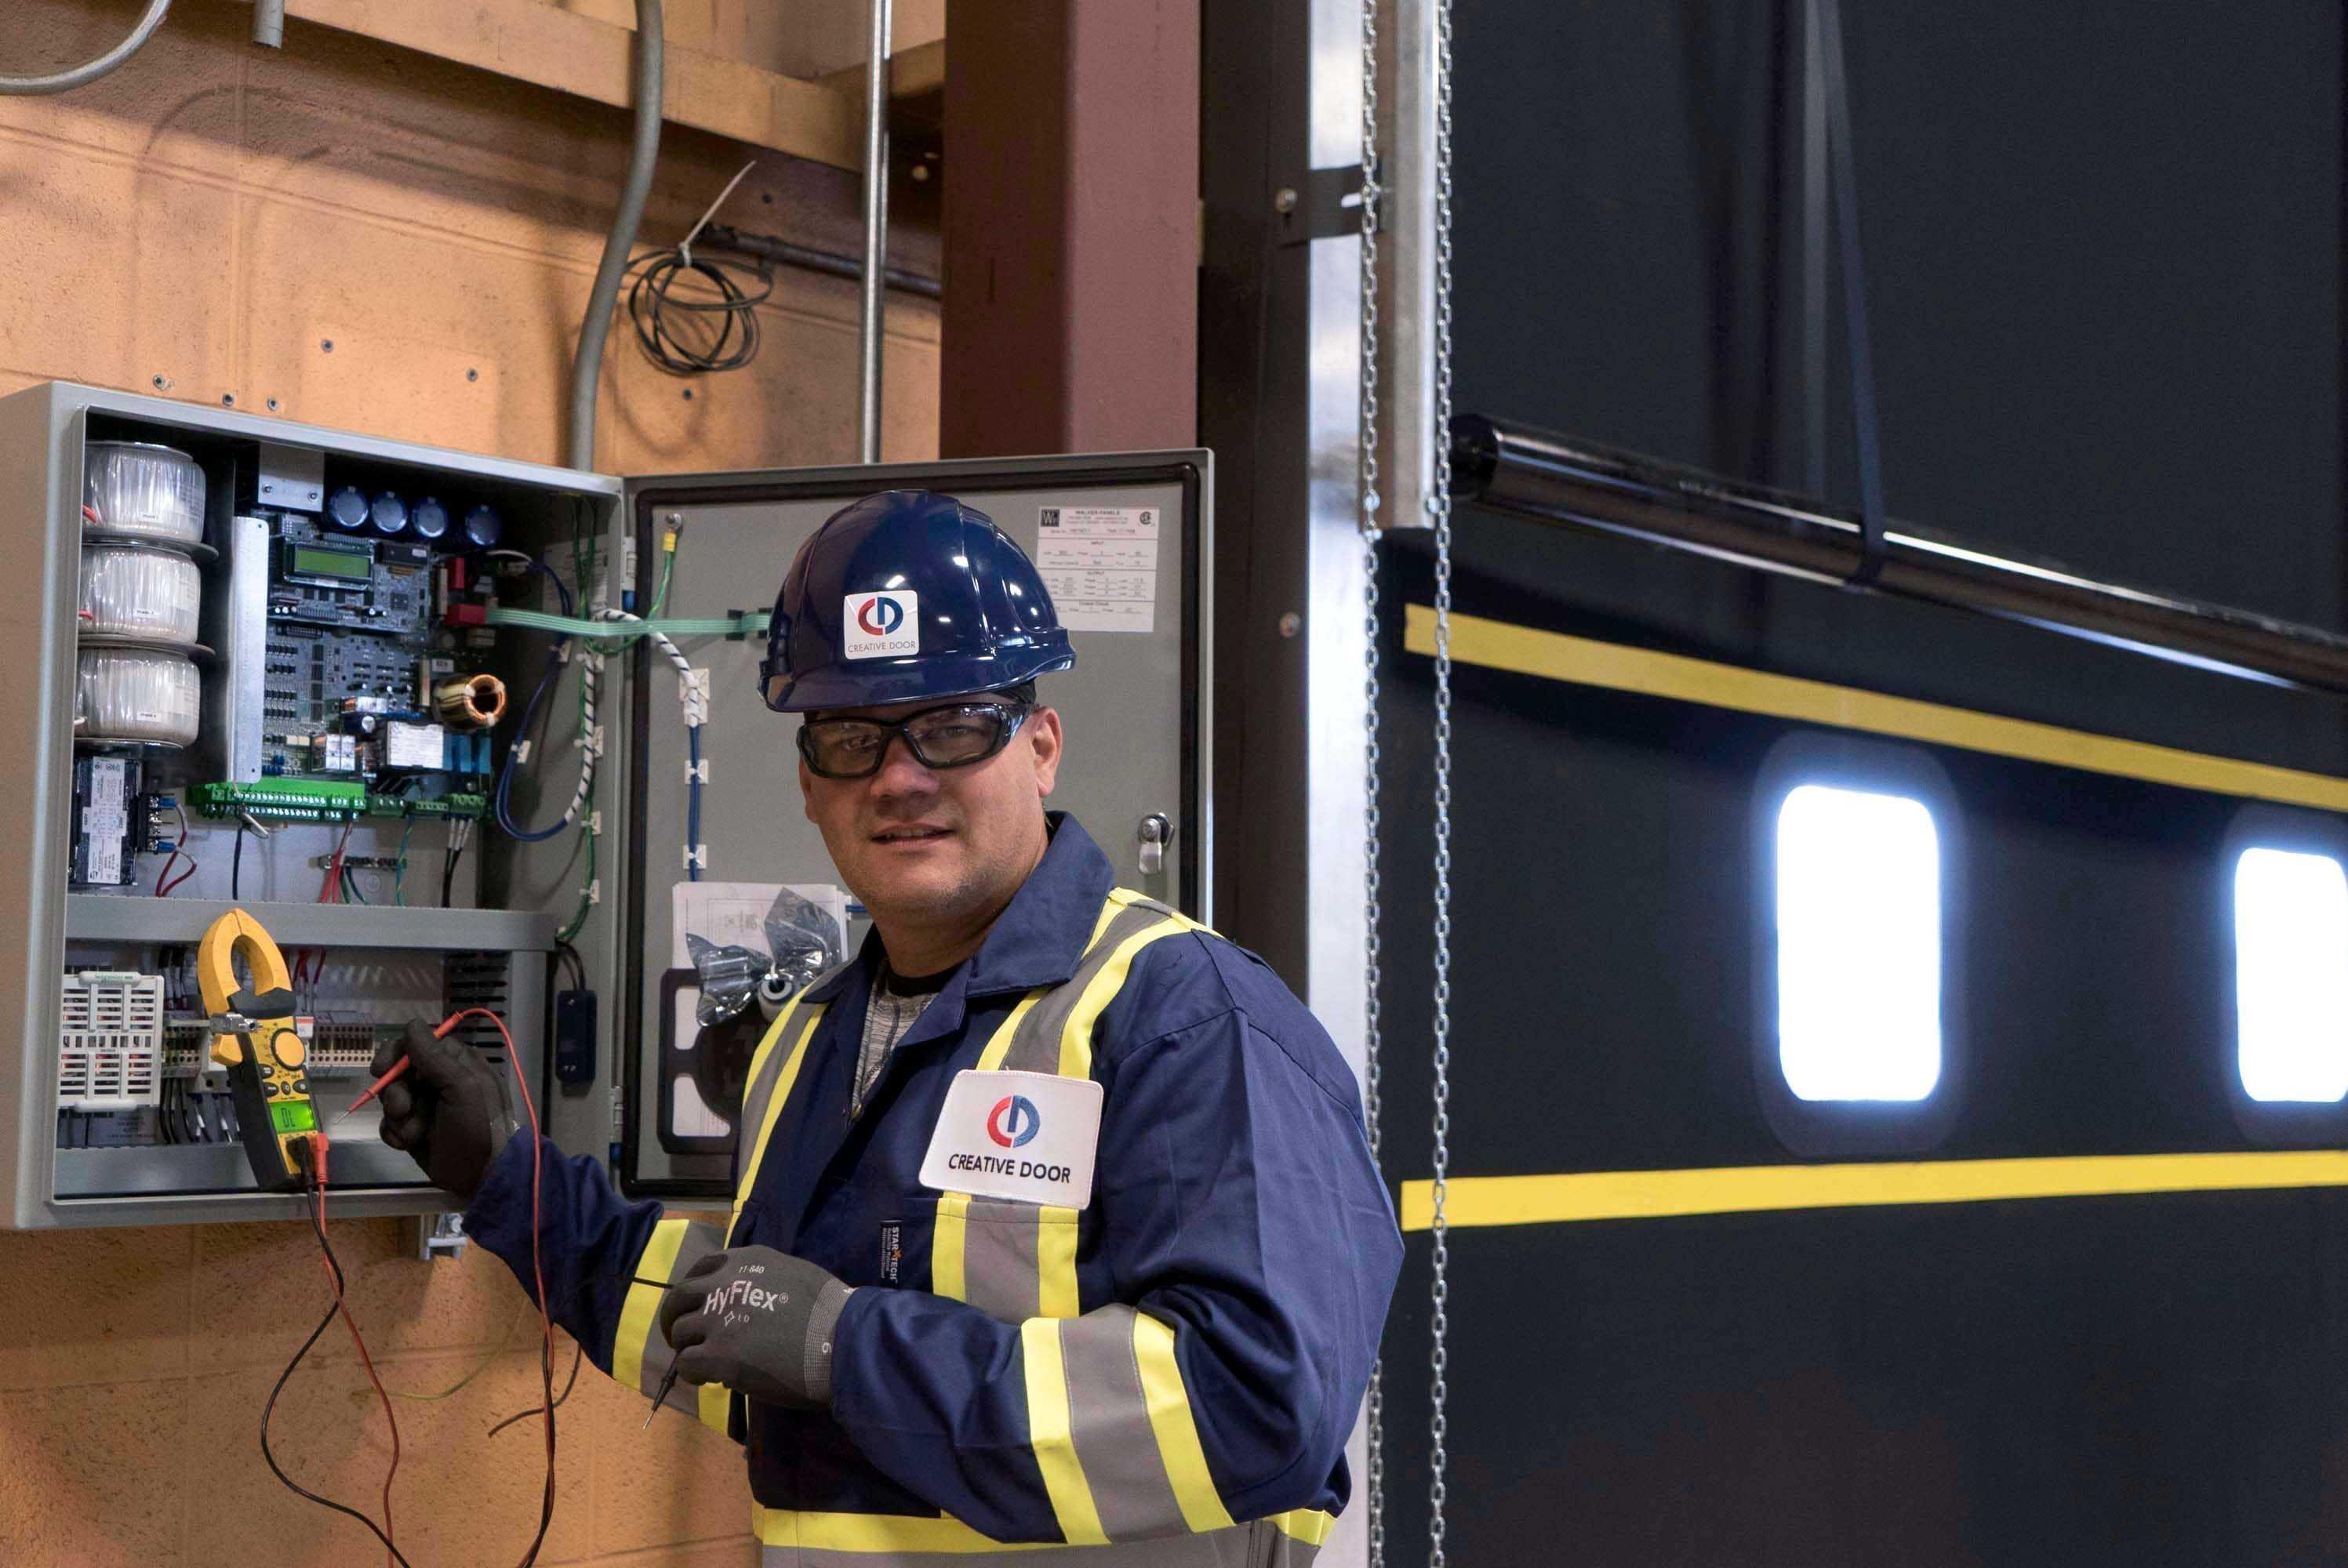 creative door technician working on electrical panel for overhead door operation